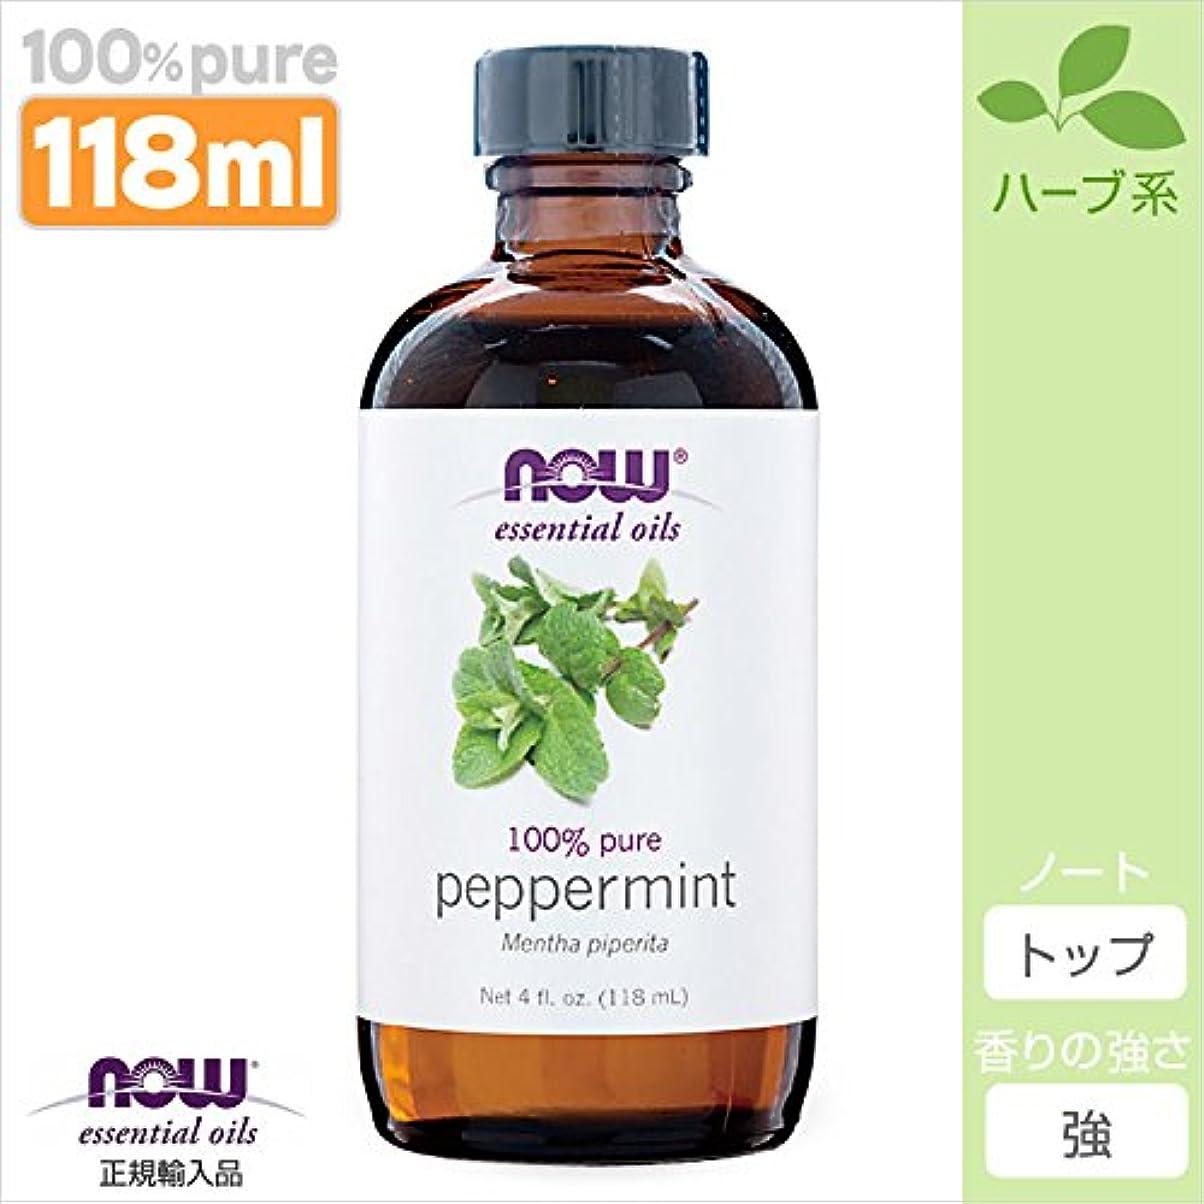 パス変えるシードペパーミント 精油[118ml] 【正規輸入品】 NOWエッセンシャルオイル(アロマオイル)